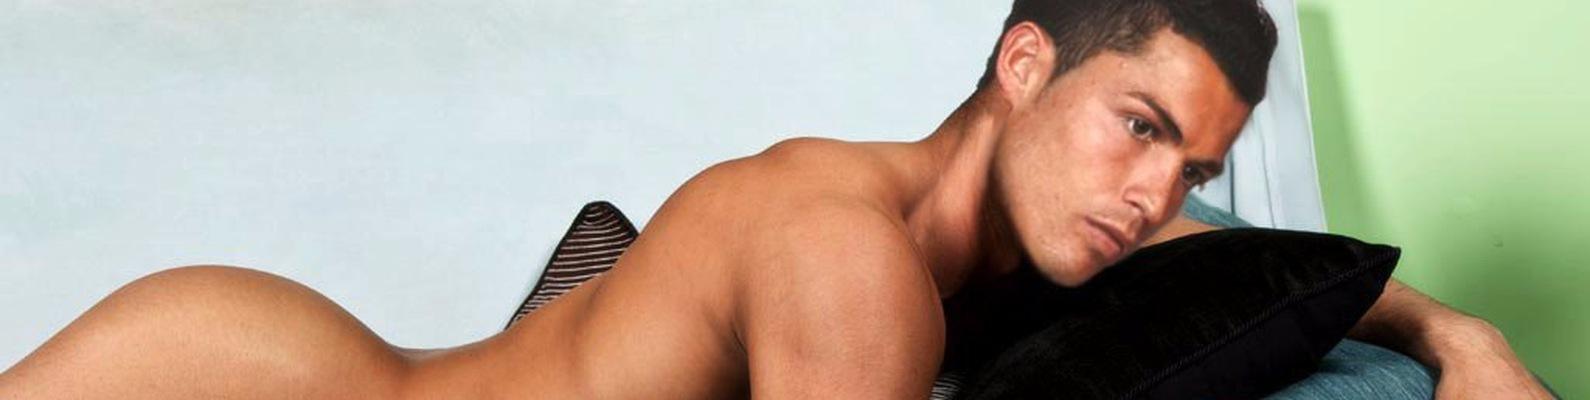 Cristiano Ronaldo Sexy Photos